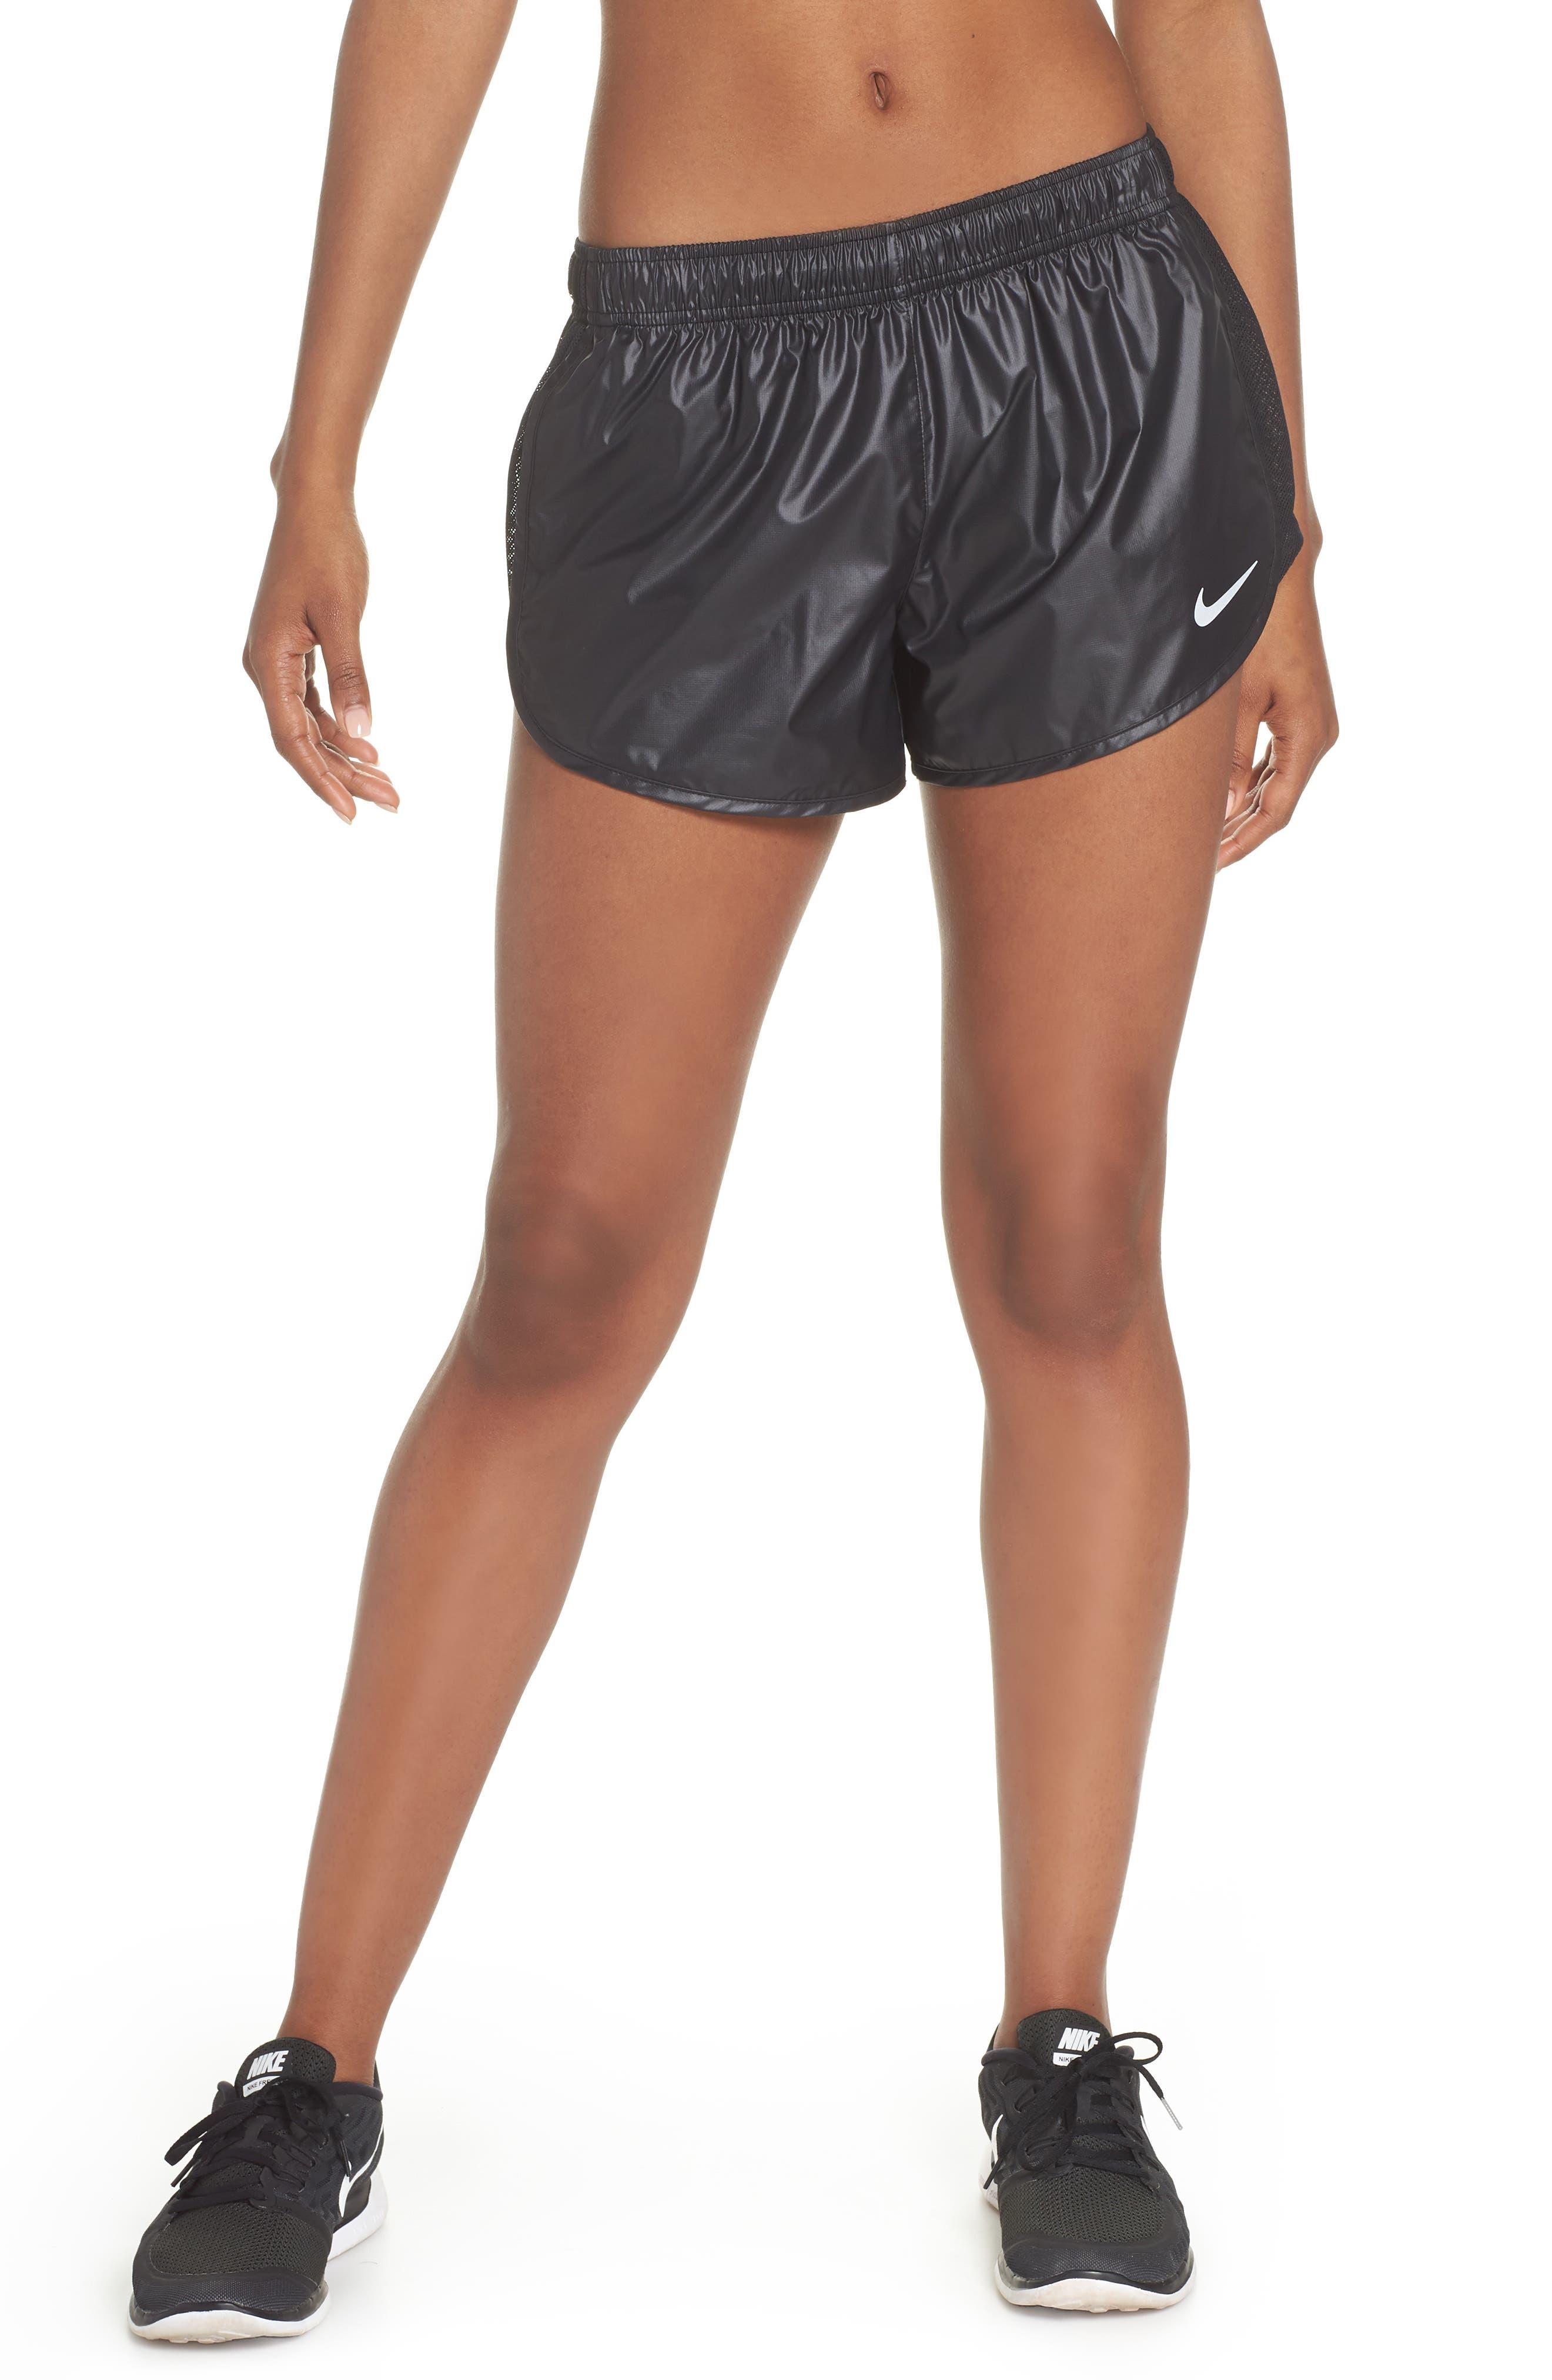 Tempo Running Shorts,                             Main thumbnail 1, color,                             010